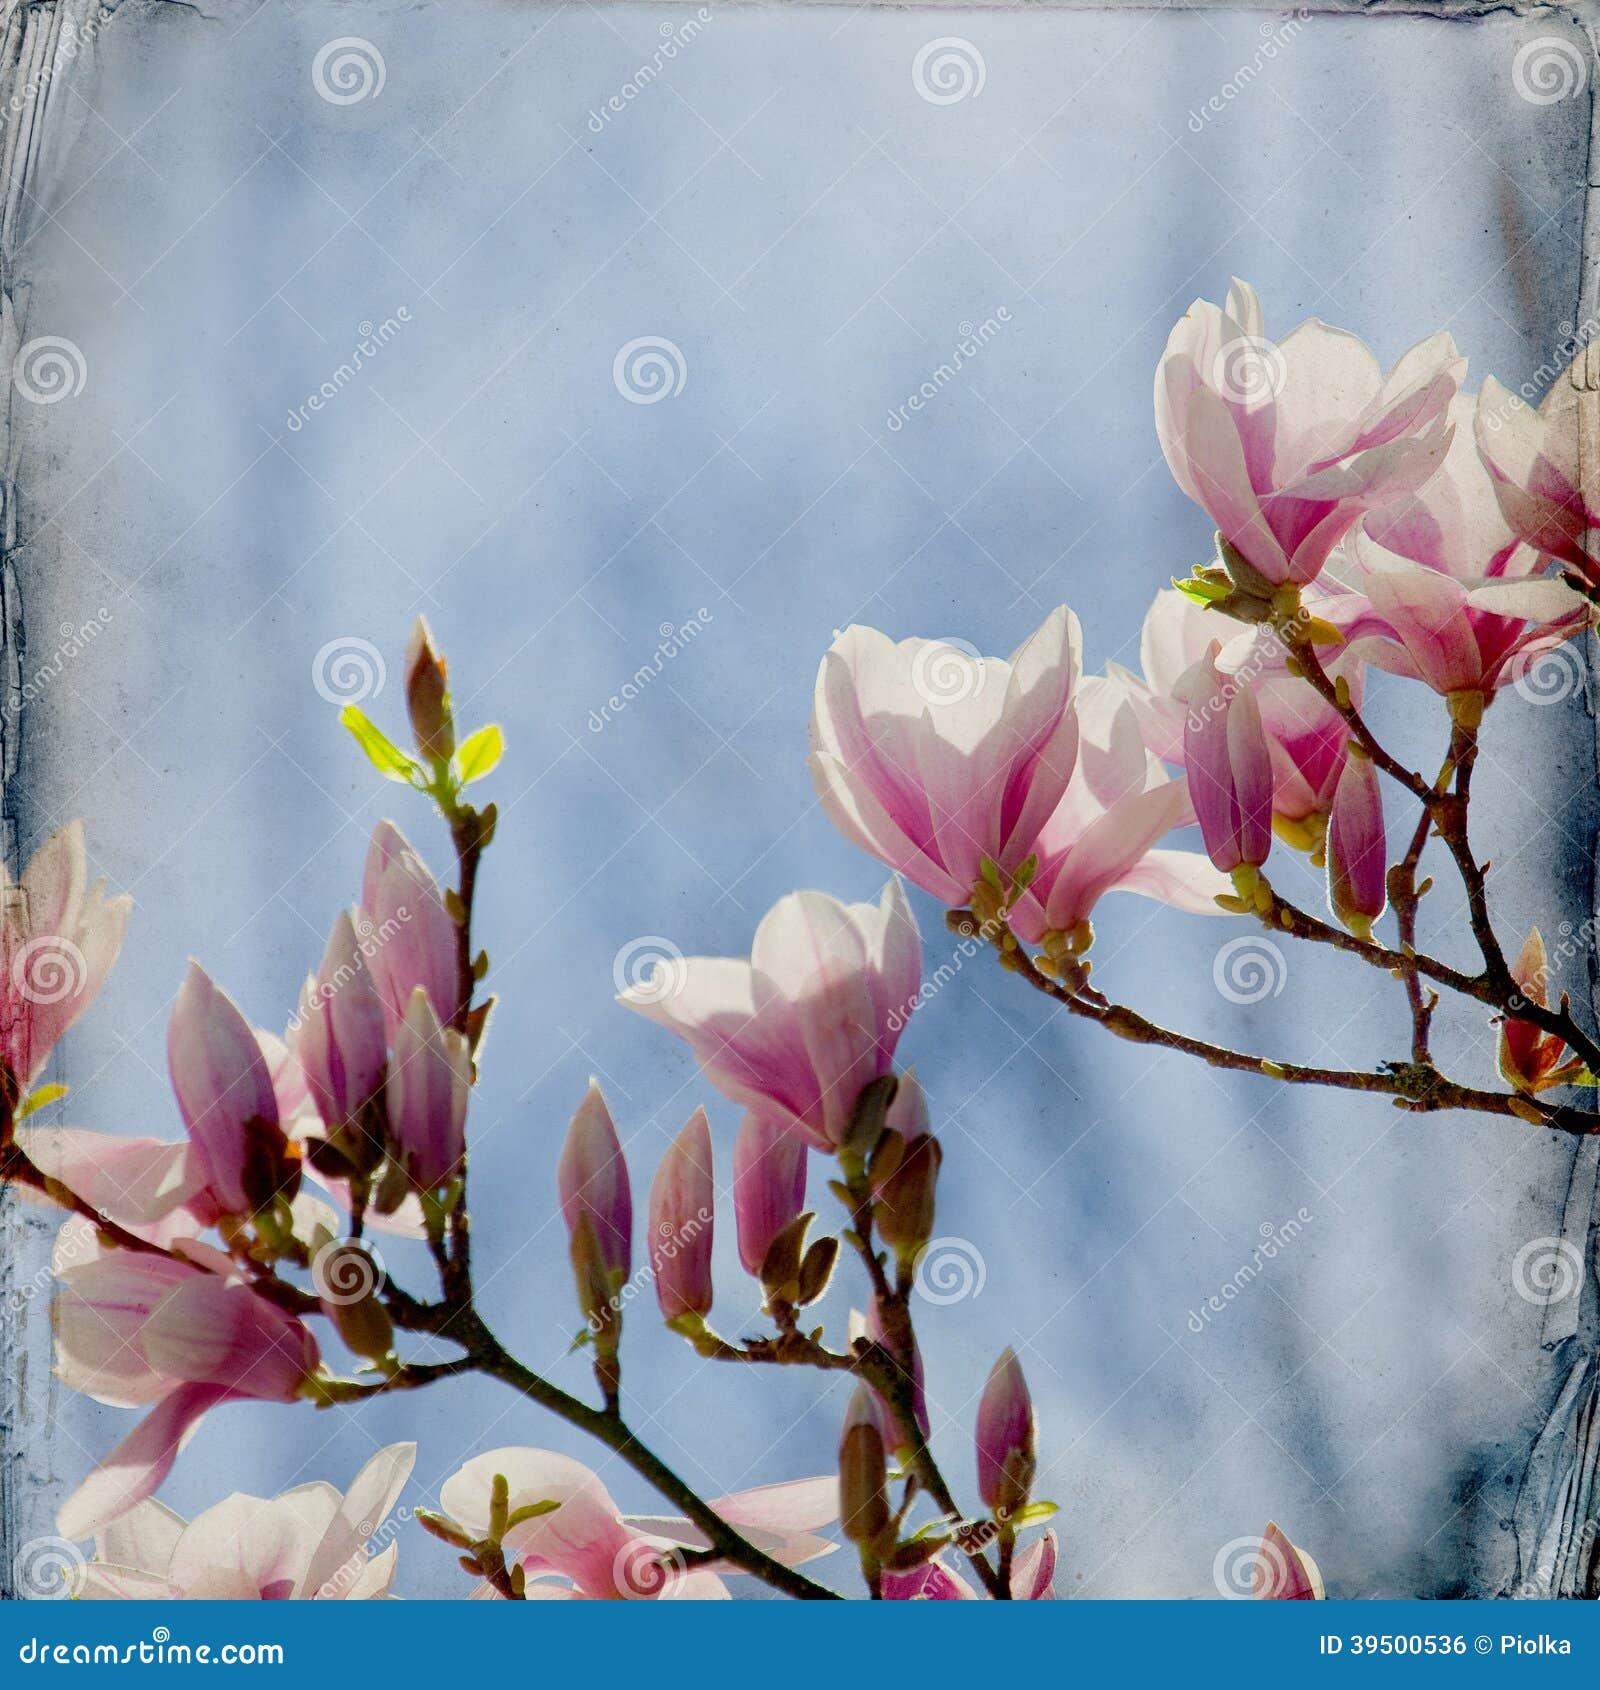 Dreamy magnolia background